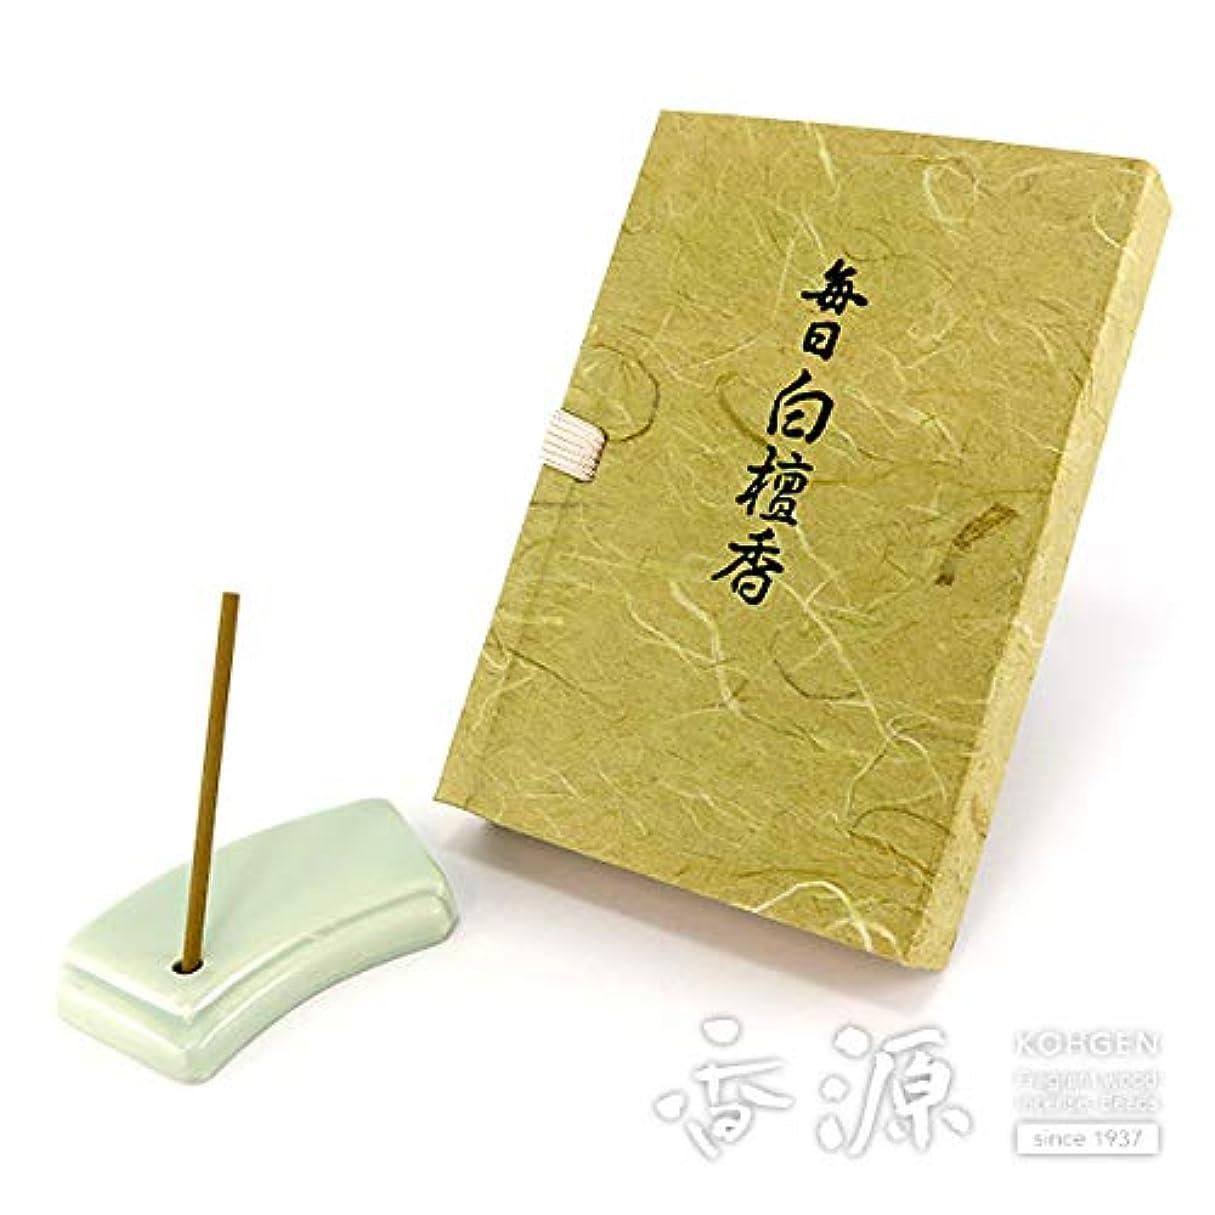 空膿瘍大通り日本香堂のお香 毎日白檀香 スティックミニ寸文庫型60本入り